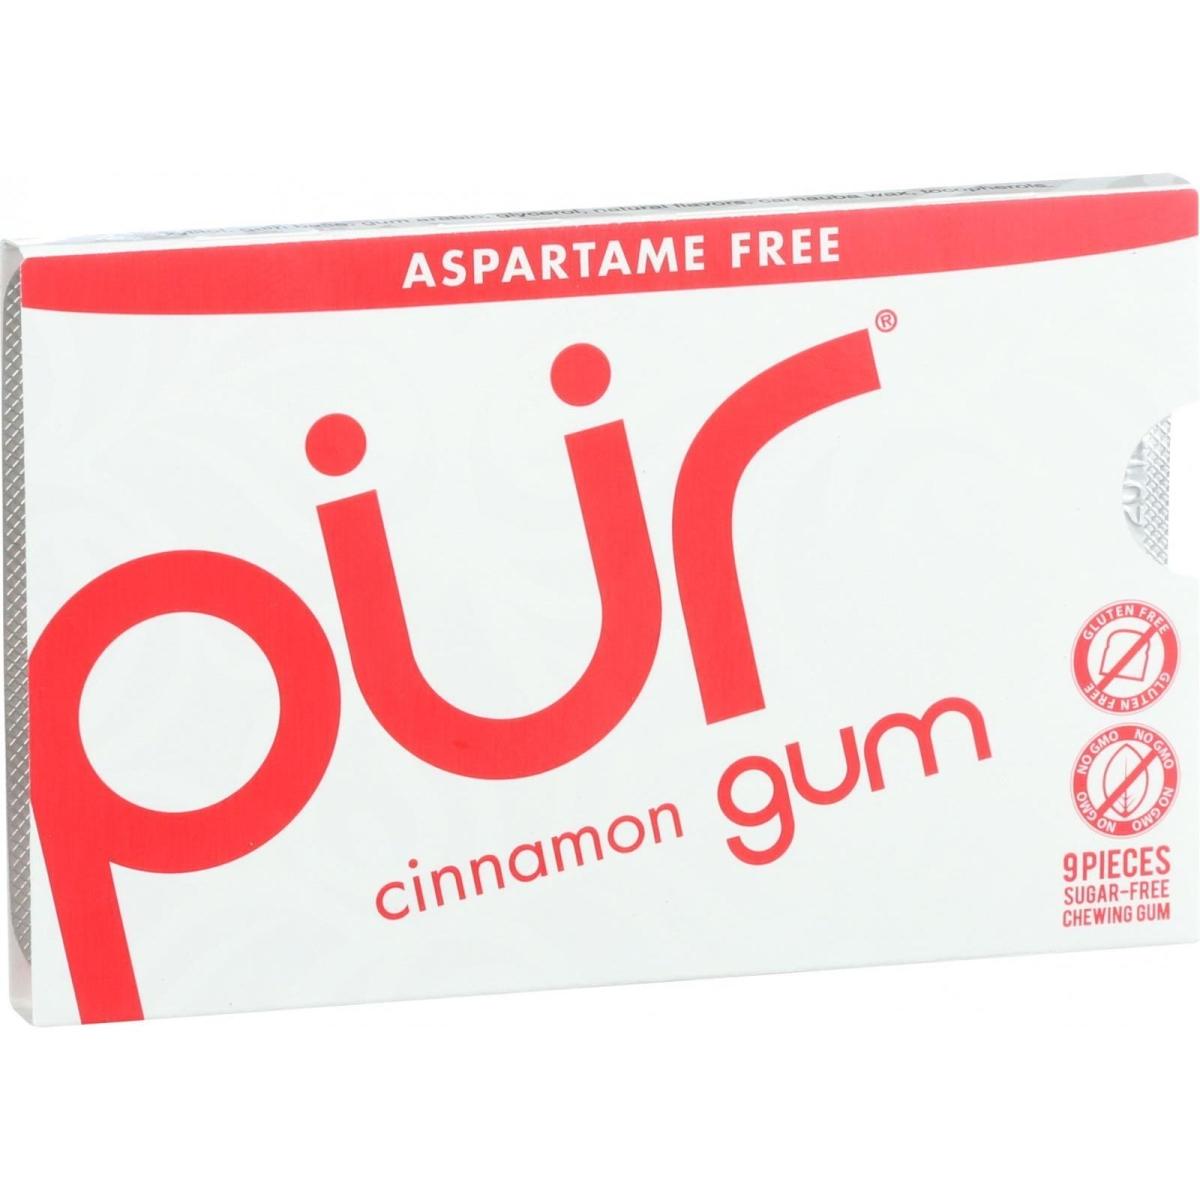 Pur Gum 1608454 12.6 g Cinnamon Chewing Gum - Aspartame Free - 9 Pieces Case of 12